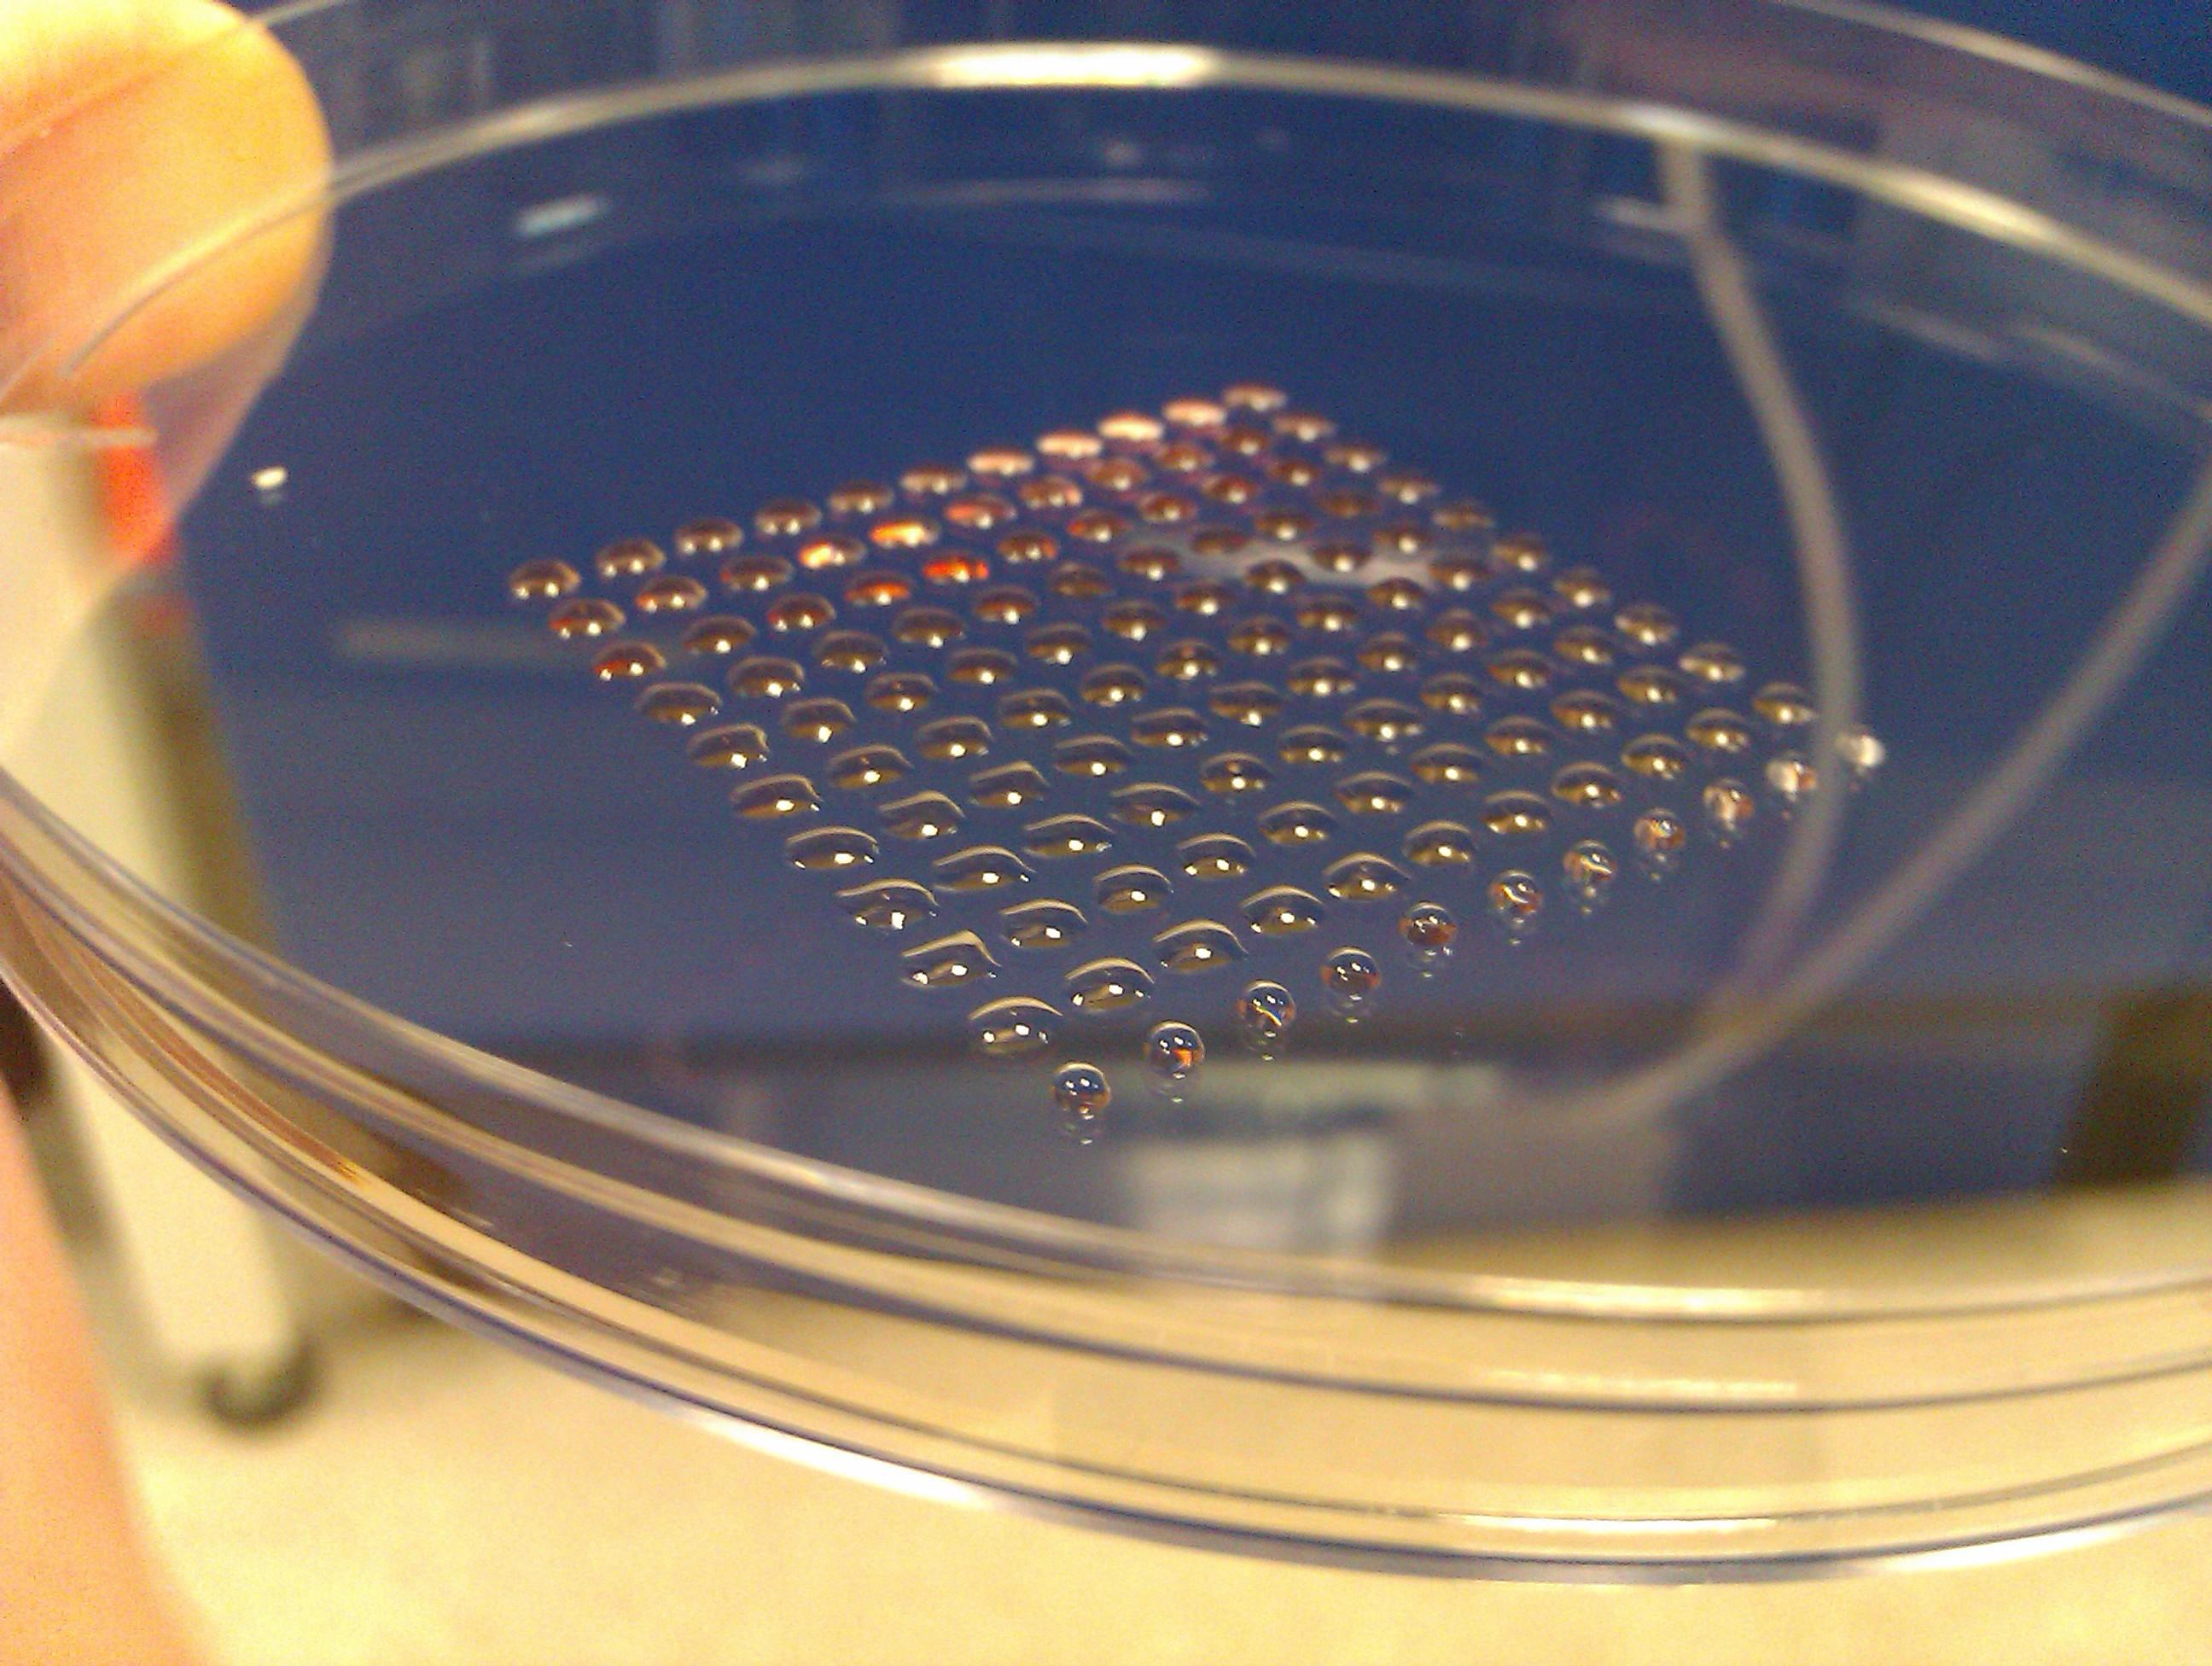 O bioimprimanta este folosita pentru a plasa cu precizie celule in straturi pentru a crea tesuturi